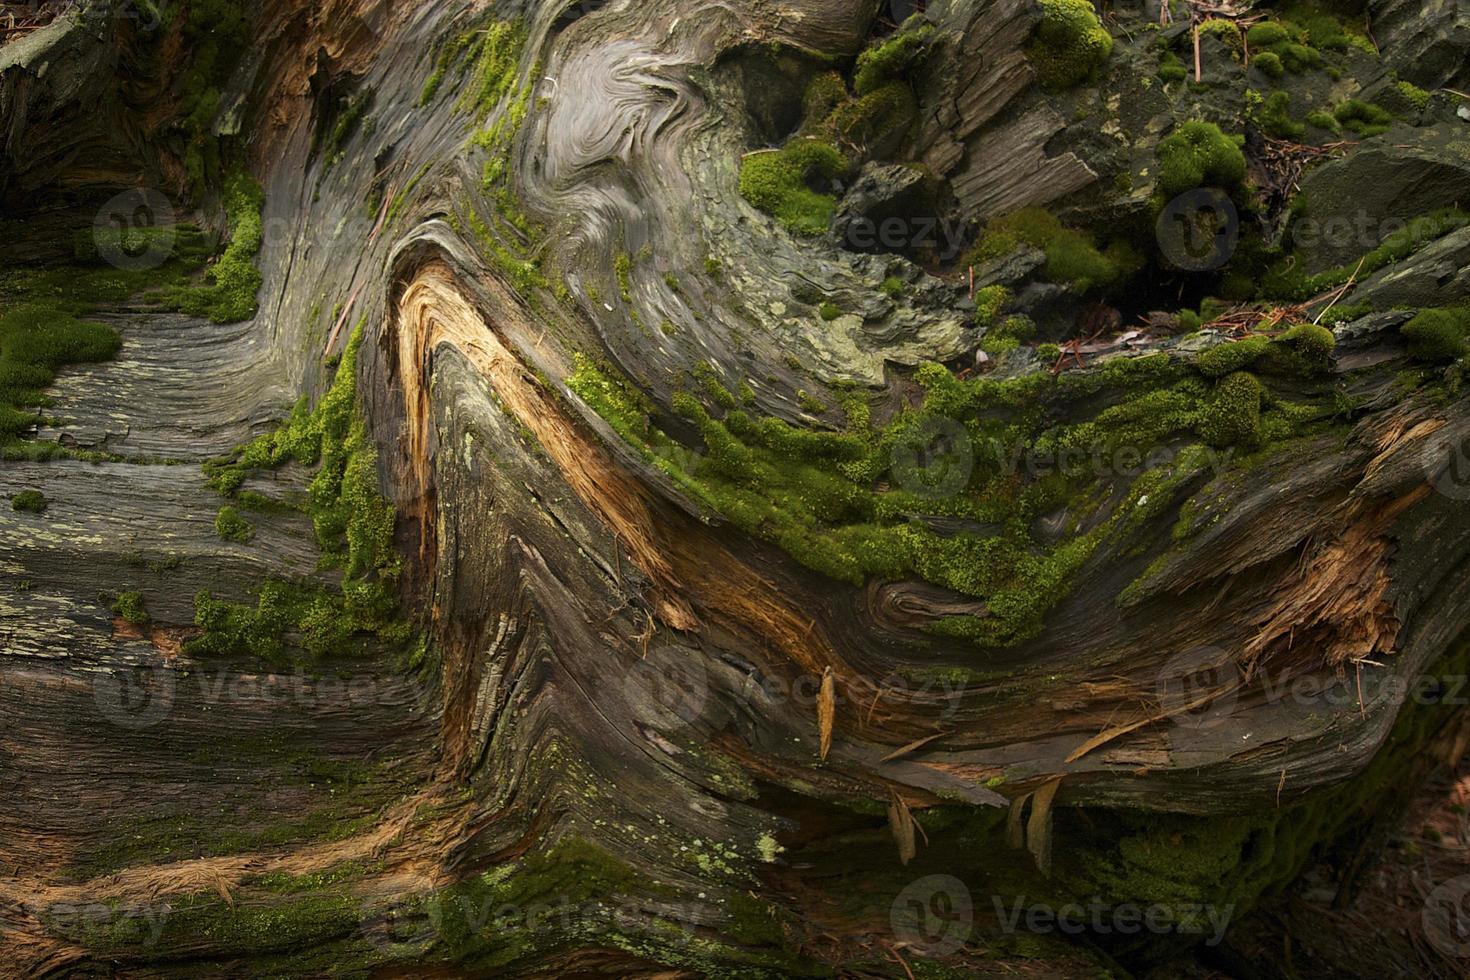 albero di sequoia di sfondo foto